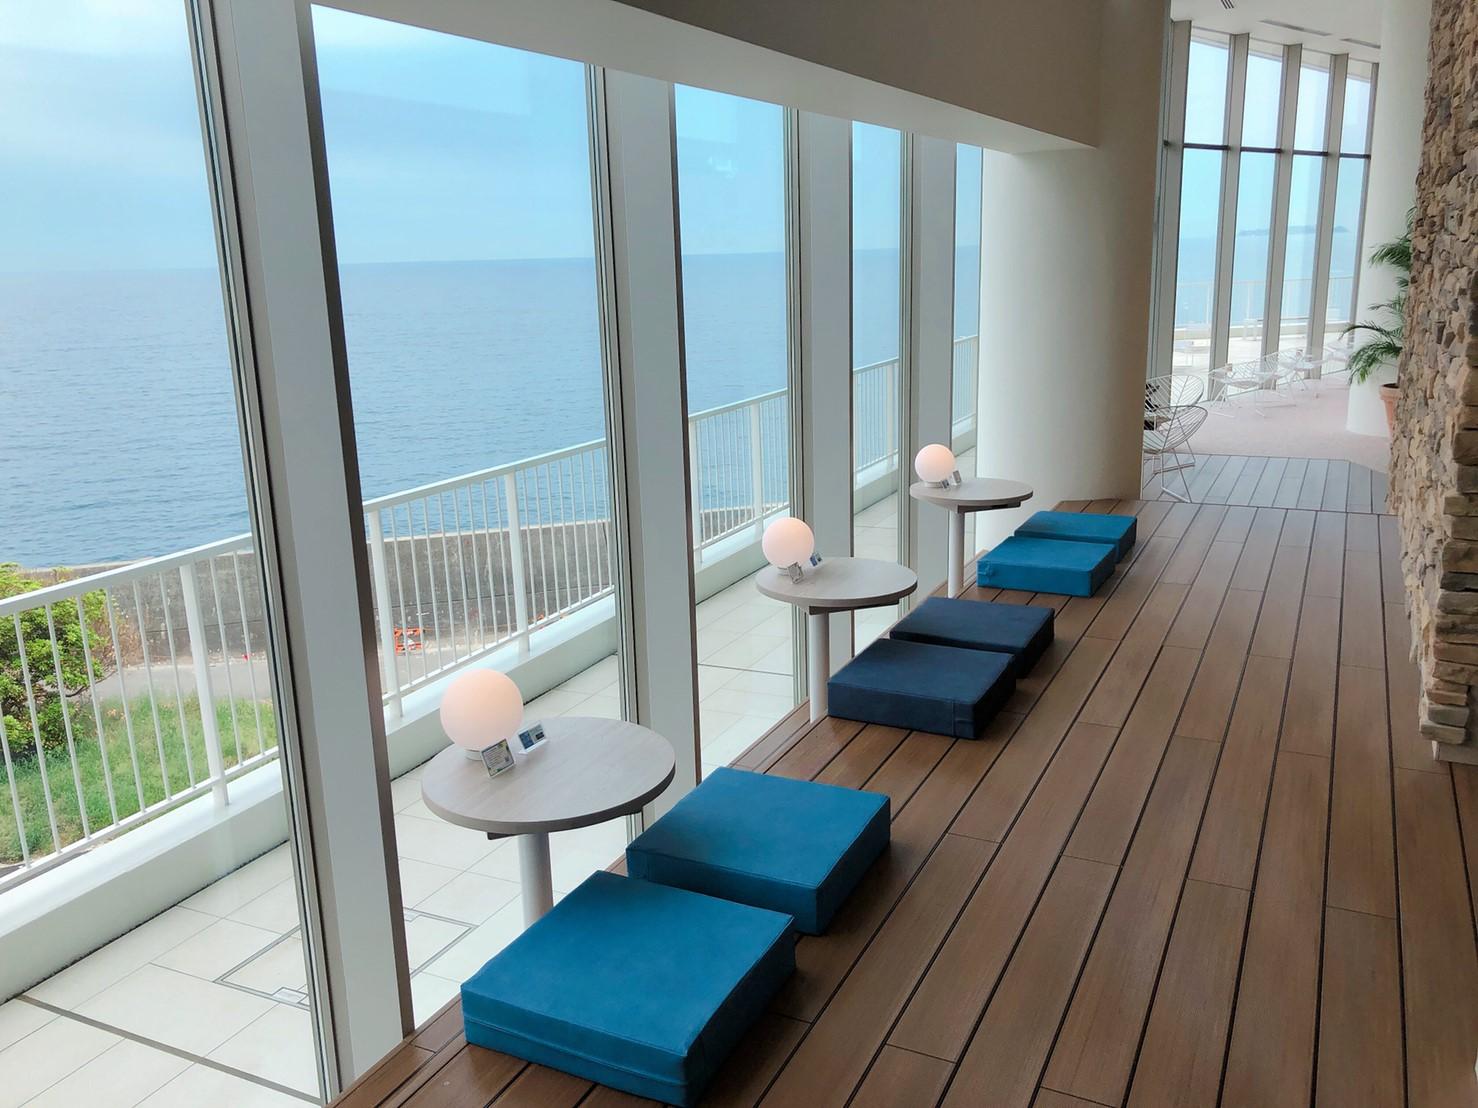 『熱海ベイリゾート後楽園スパFuua』で海が見えるペアシート